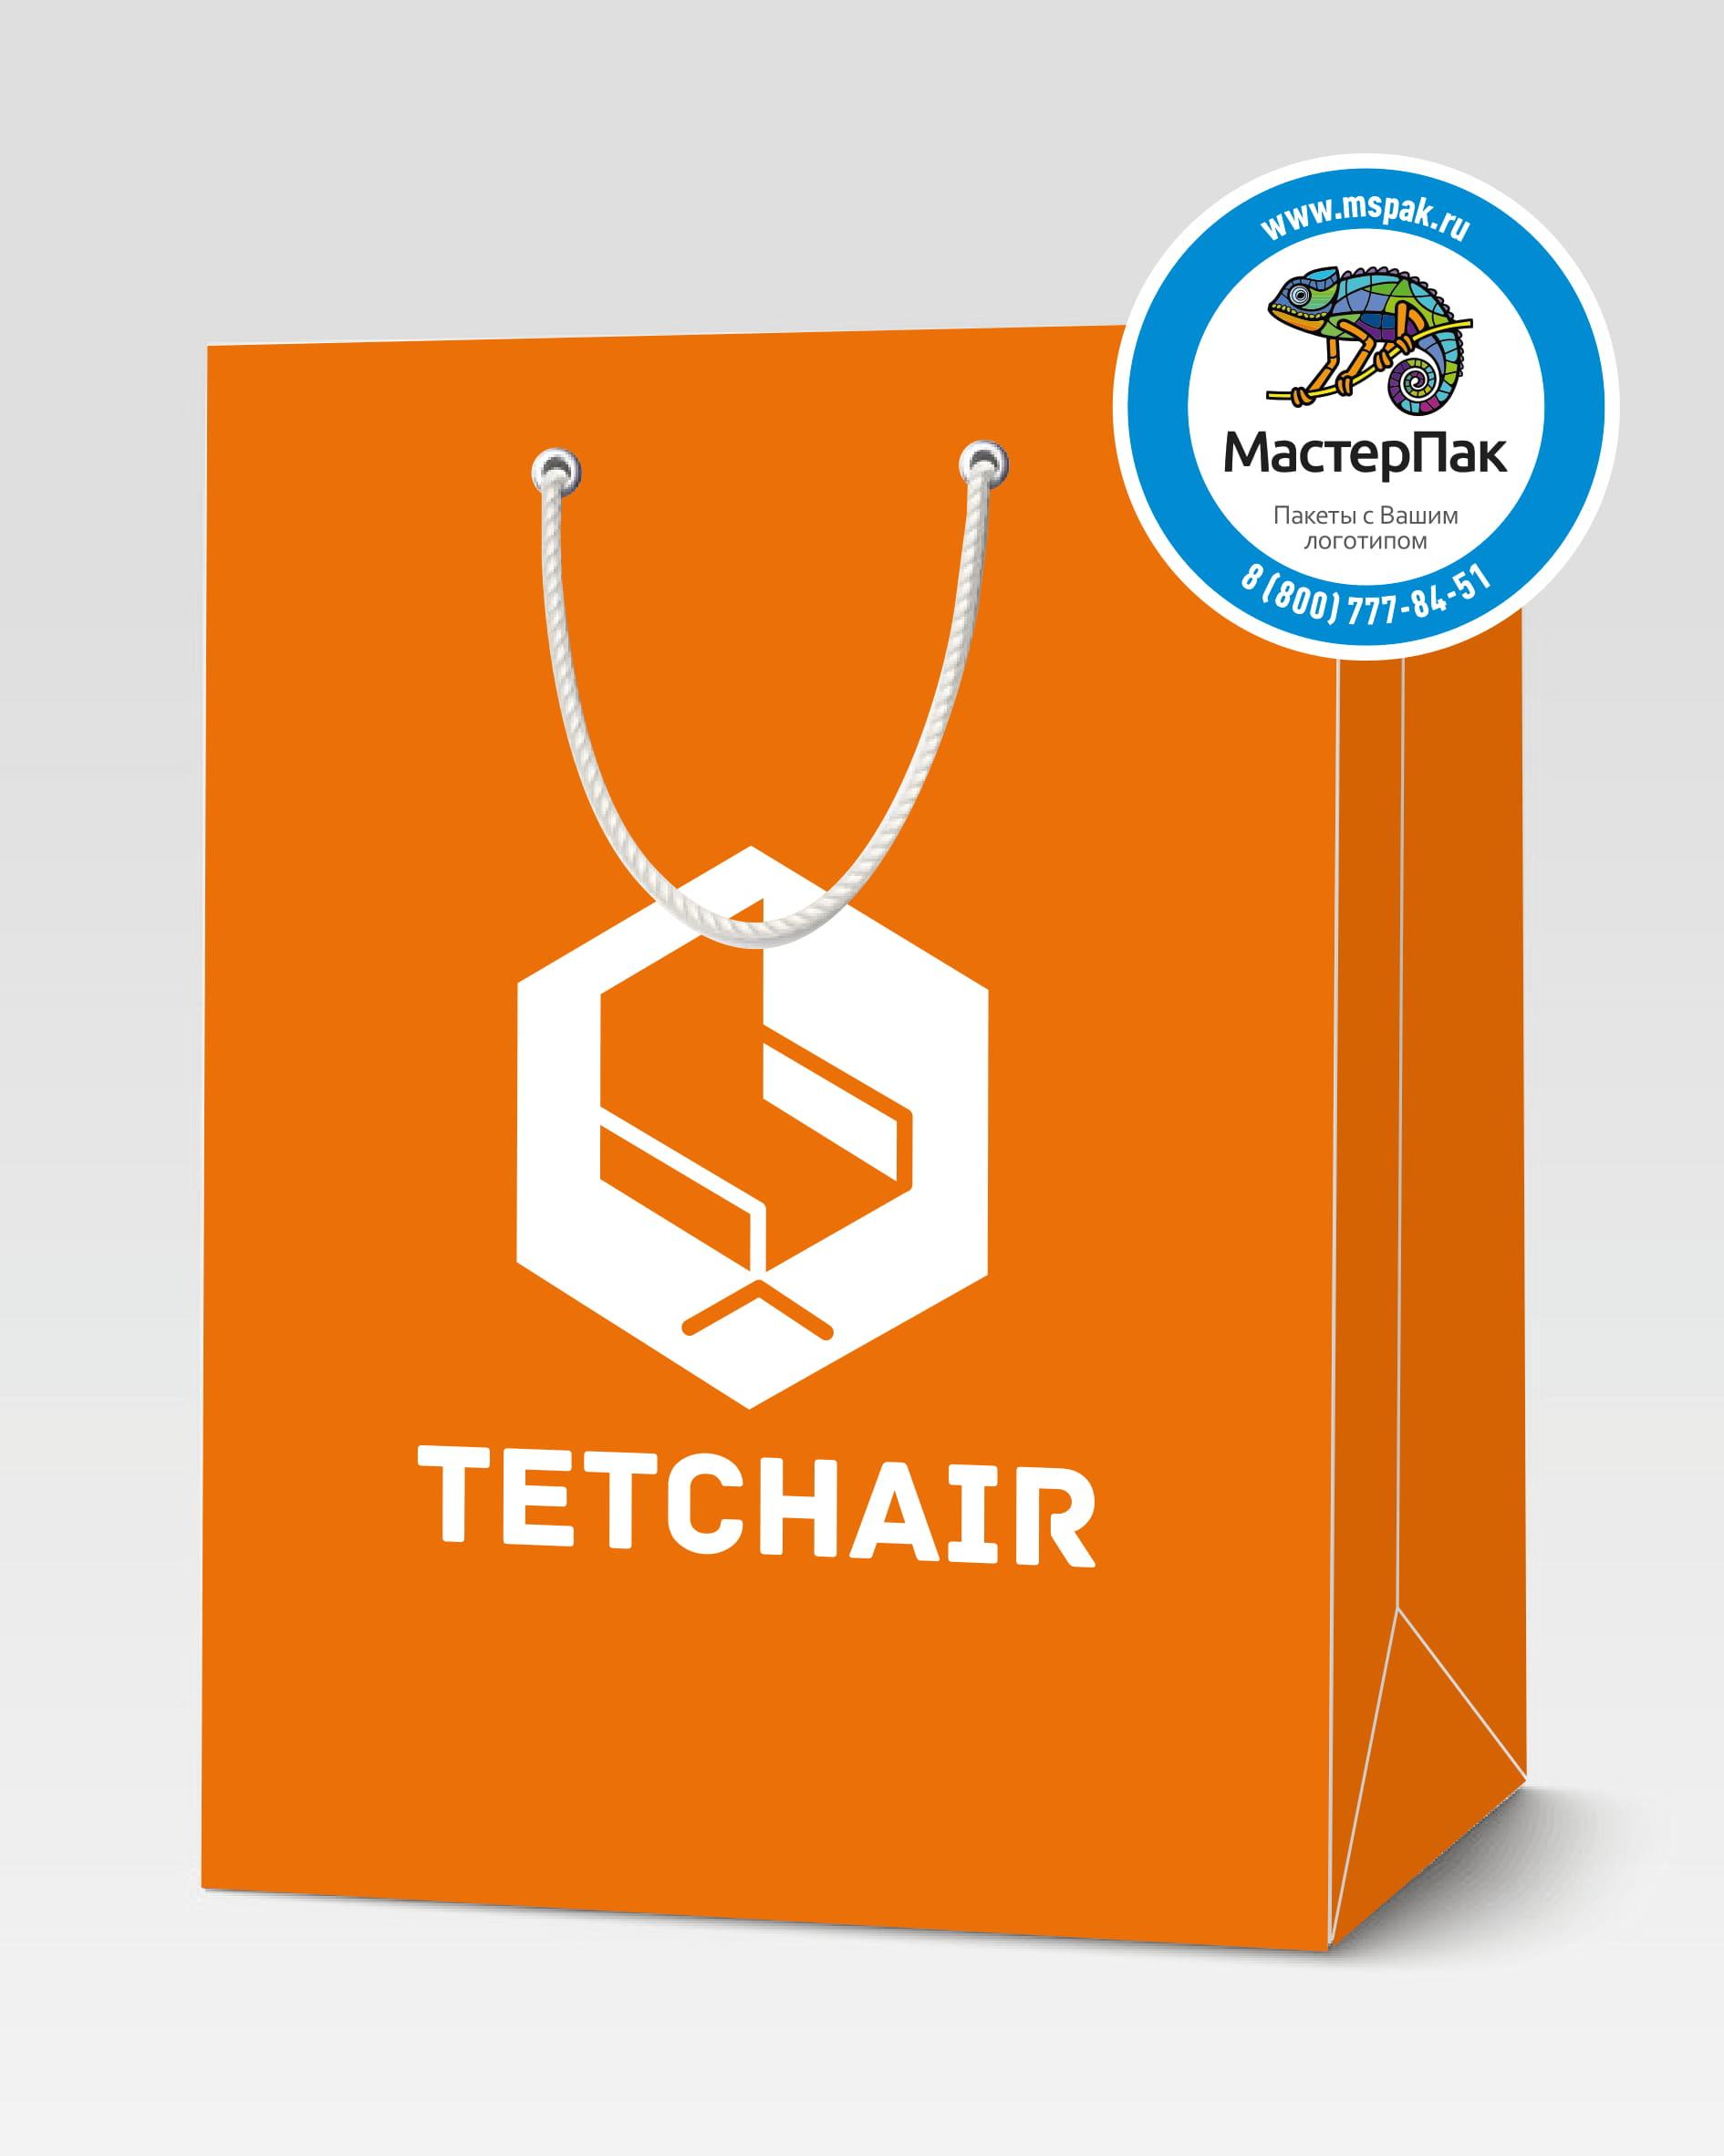 Пакет подарочный, бумажный с логотипом Tetchair, Москва, люверсы, 30*40